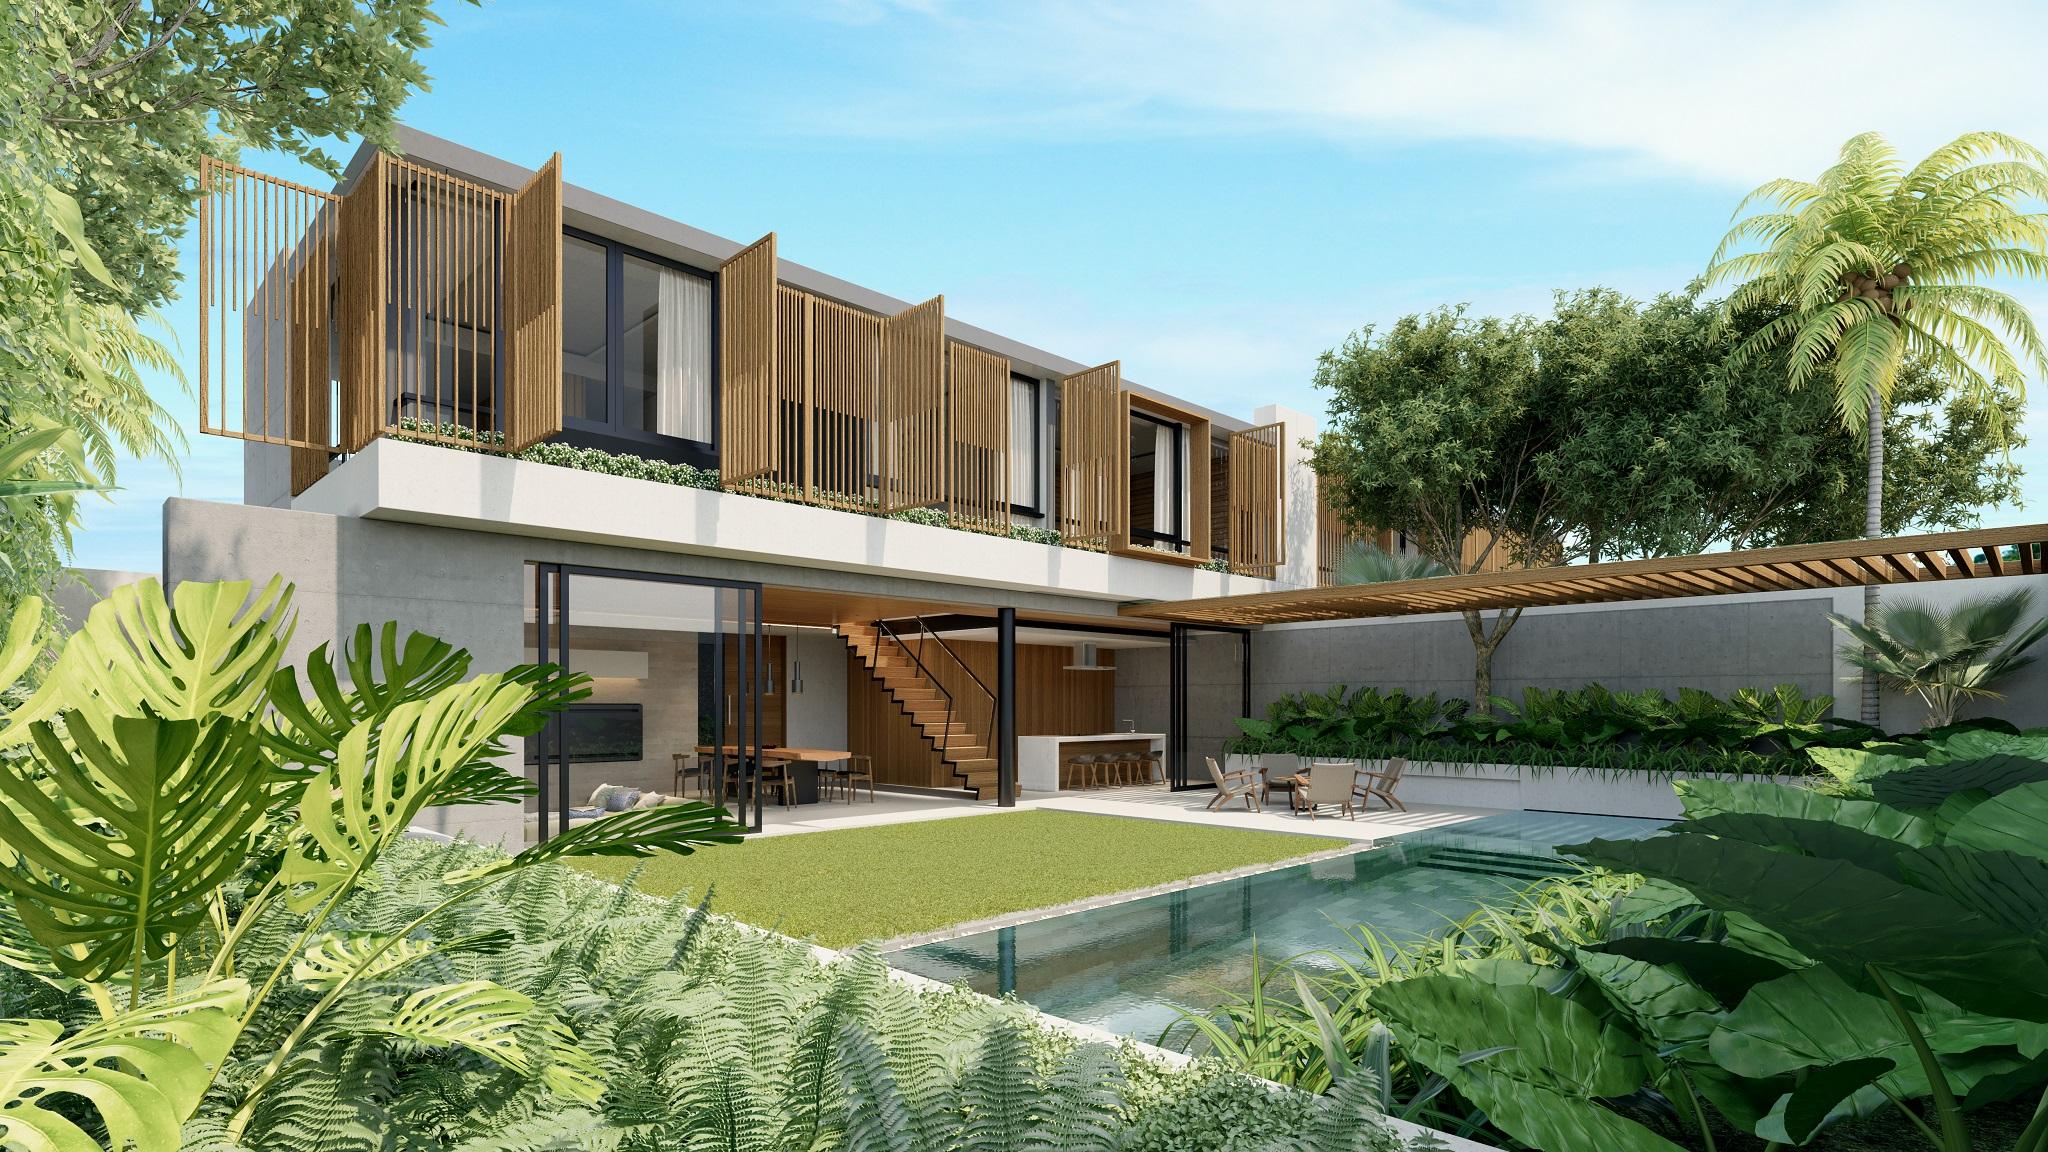 Xu hướng bất động sản 2020: Mô hình phức hợp nghỉ dưỡng và giải trí lên ngôi  - Ảnh 3